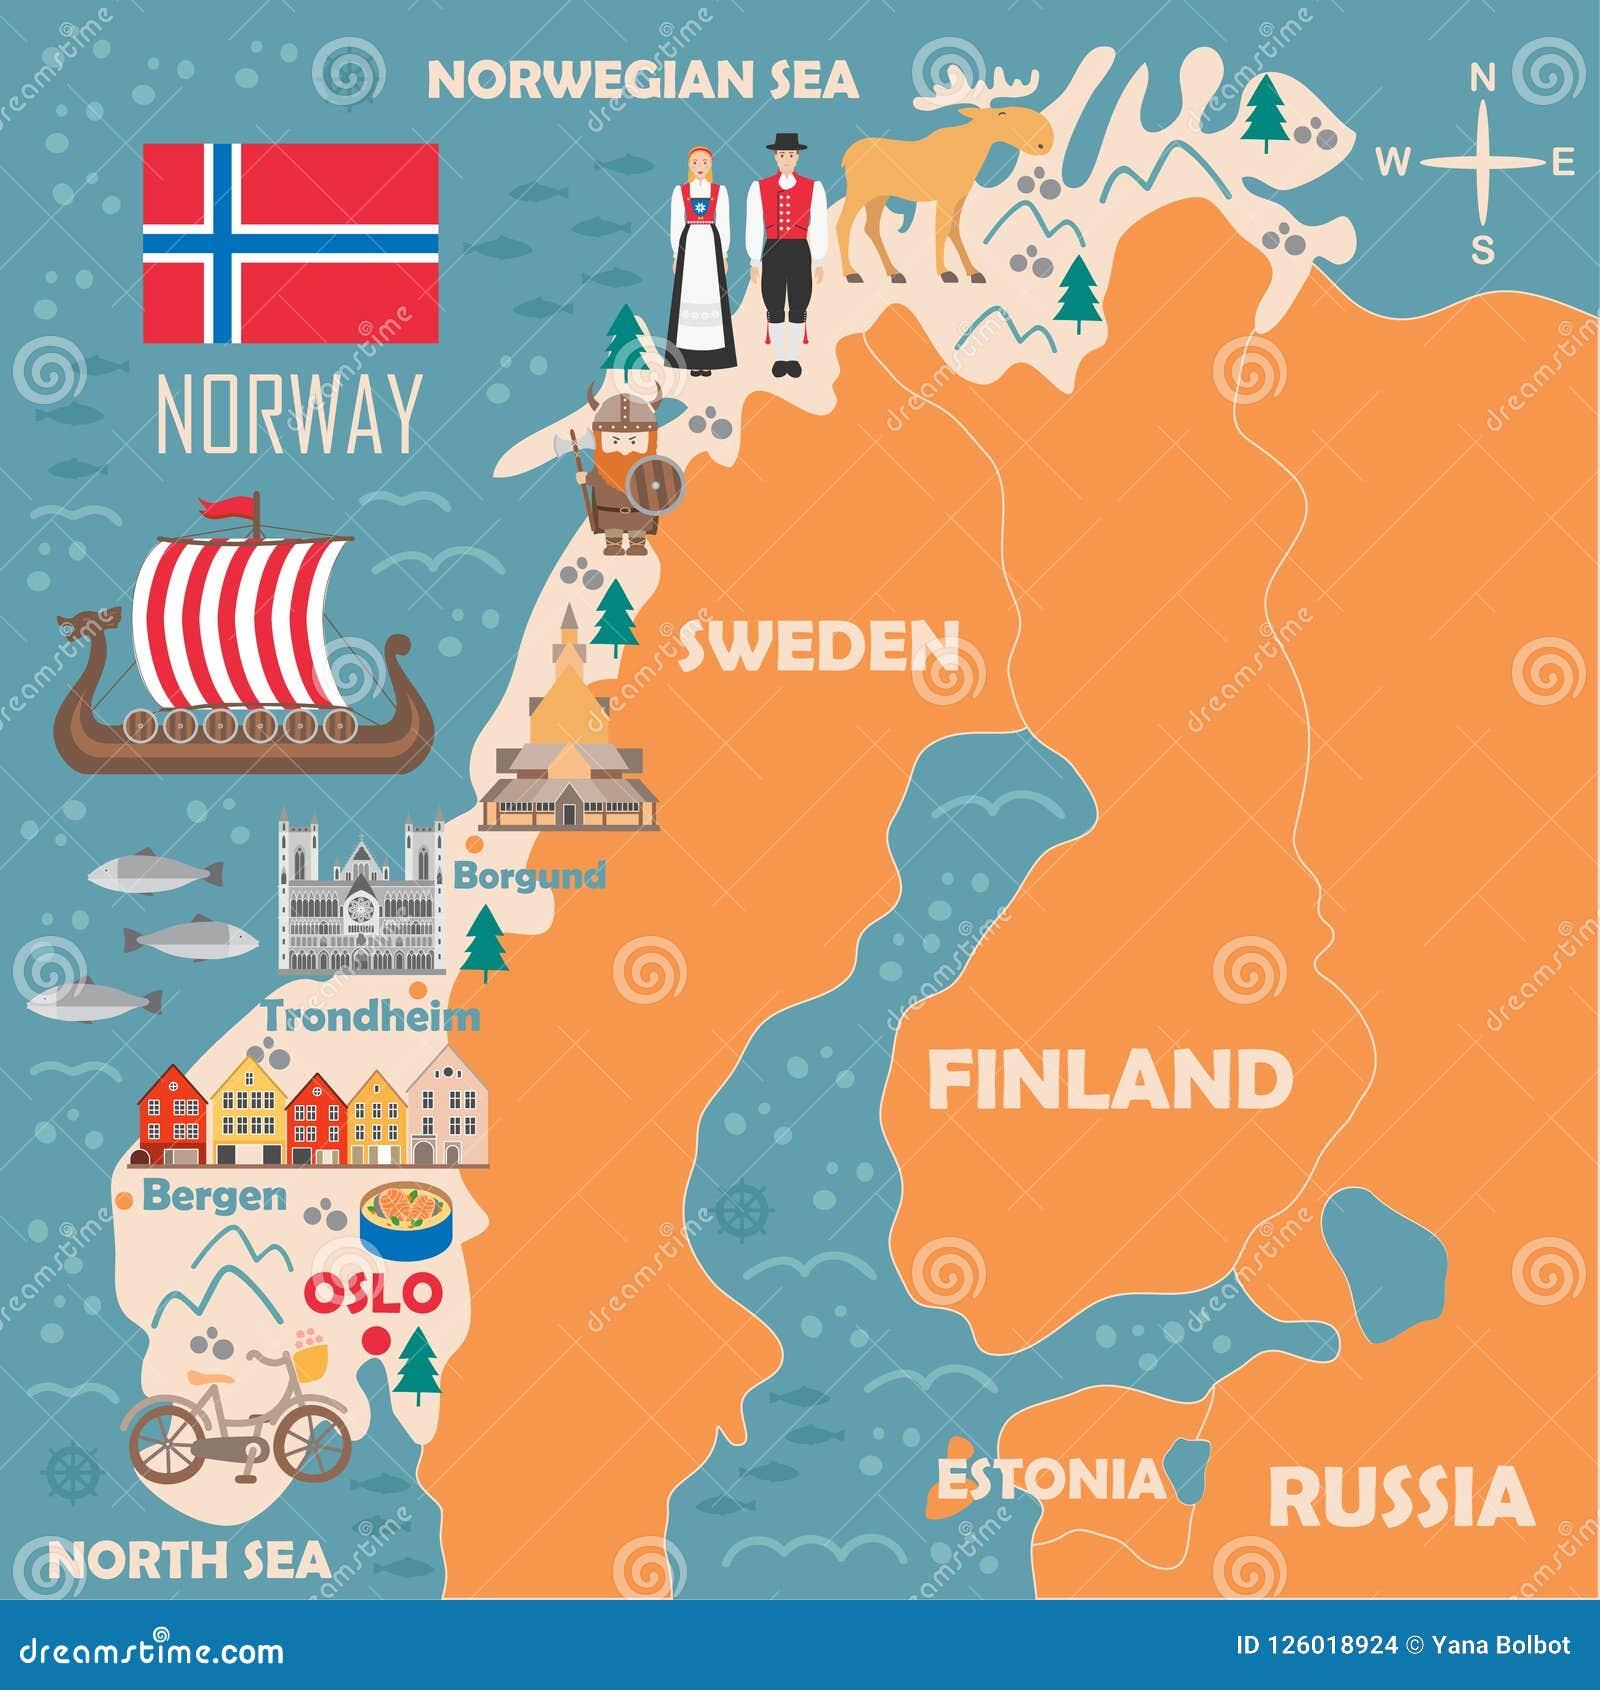 Cartina Norvegia Da Stampare.Mappa Stilizzata Della Norvegia Illustrazione Vettoriale Illustrazione Di Norway Contea 126018924